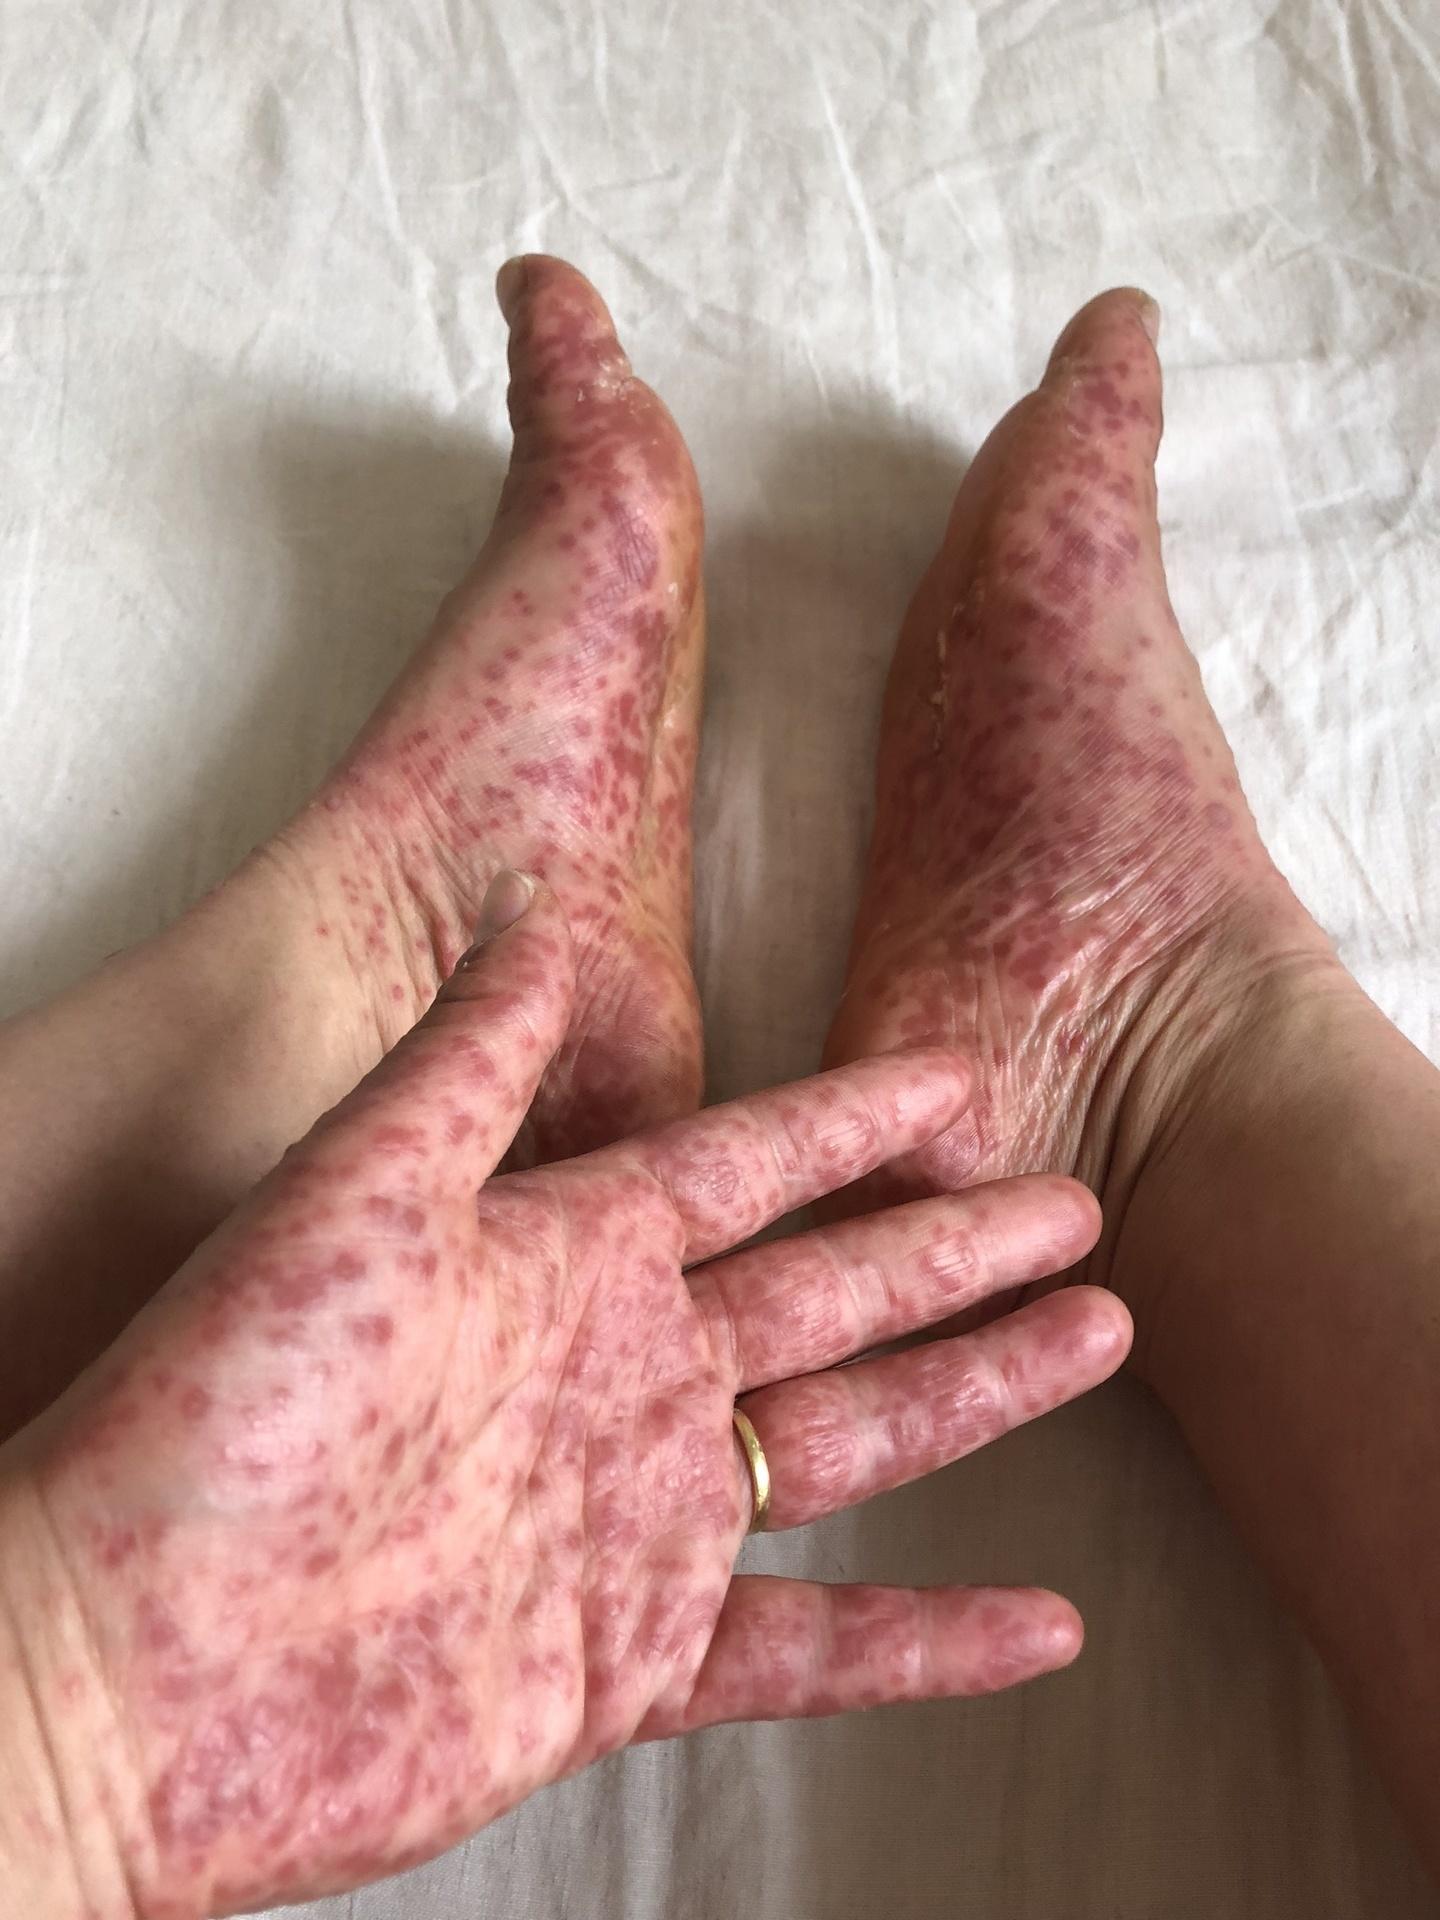 の 裏 痒い 手のひら 足